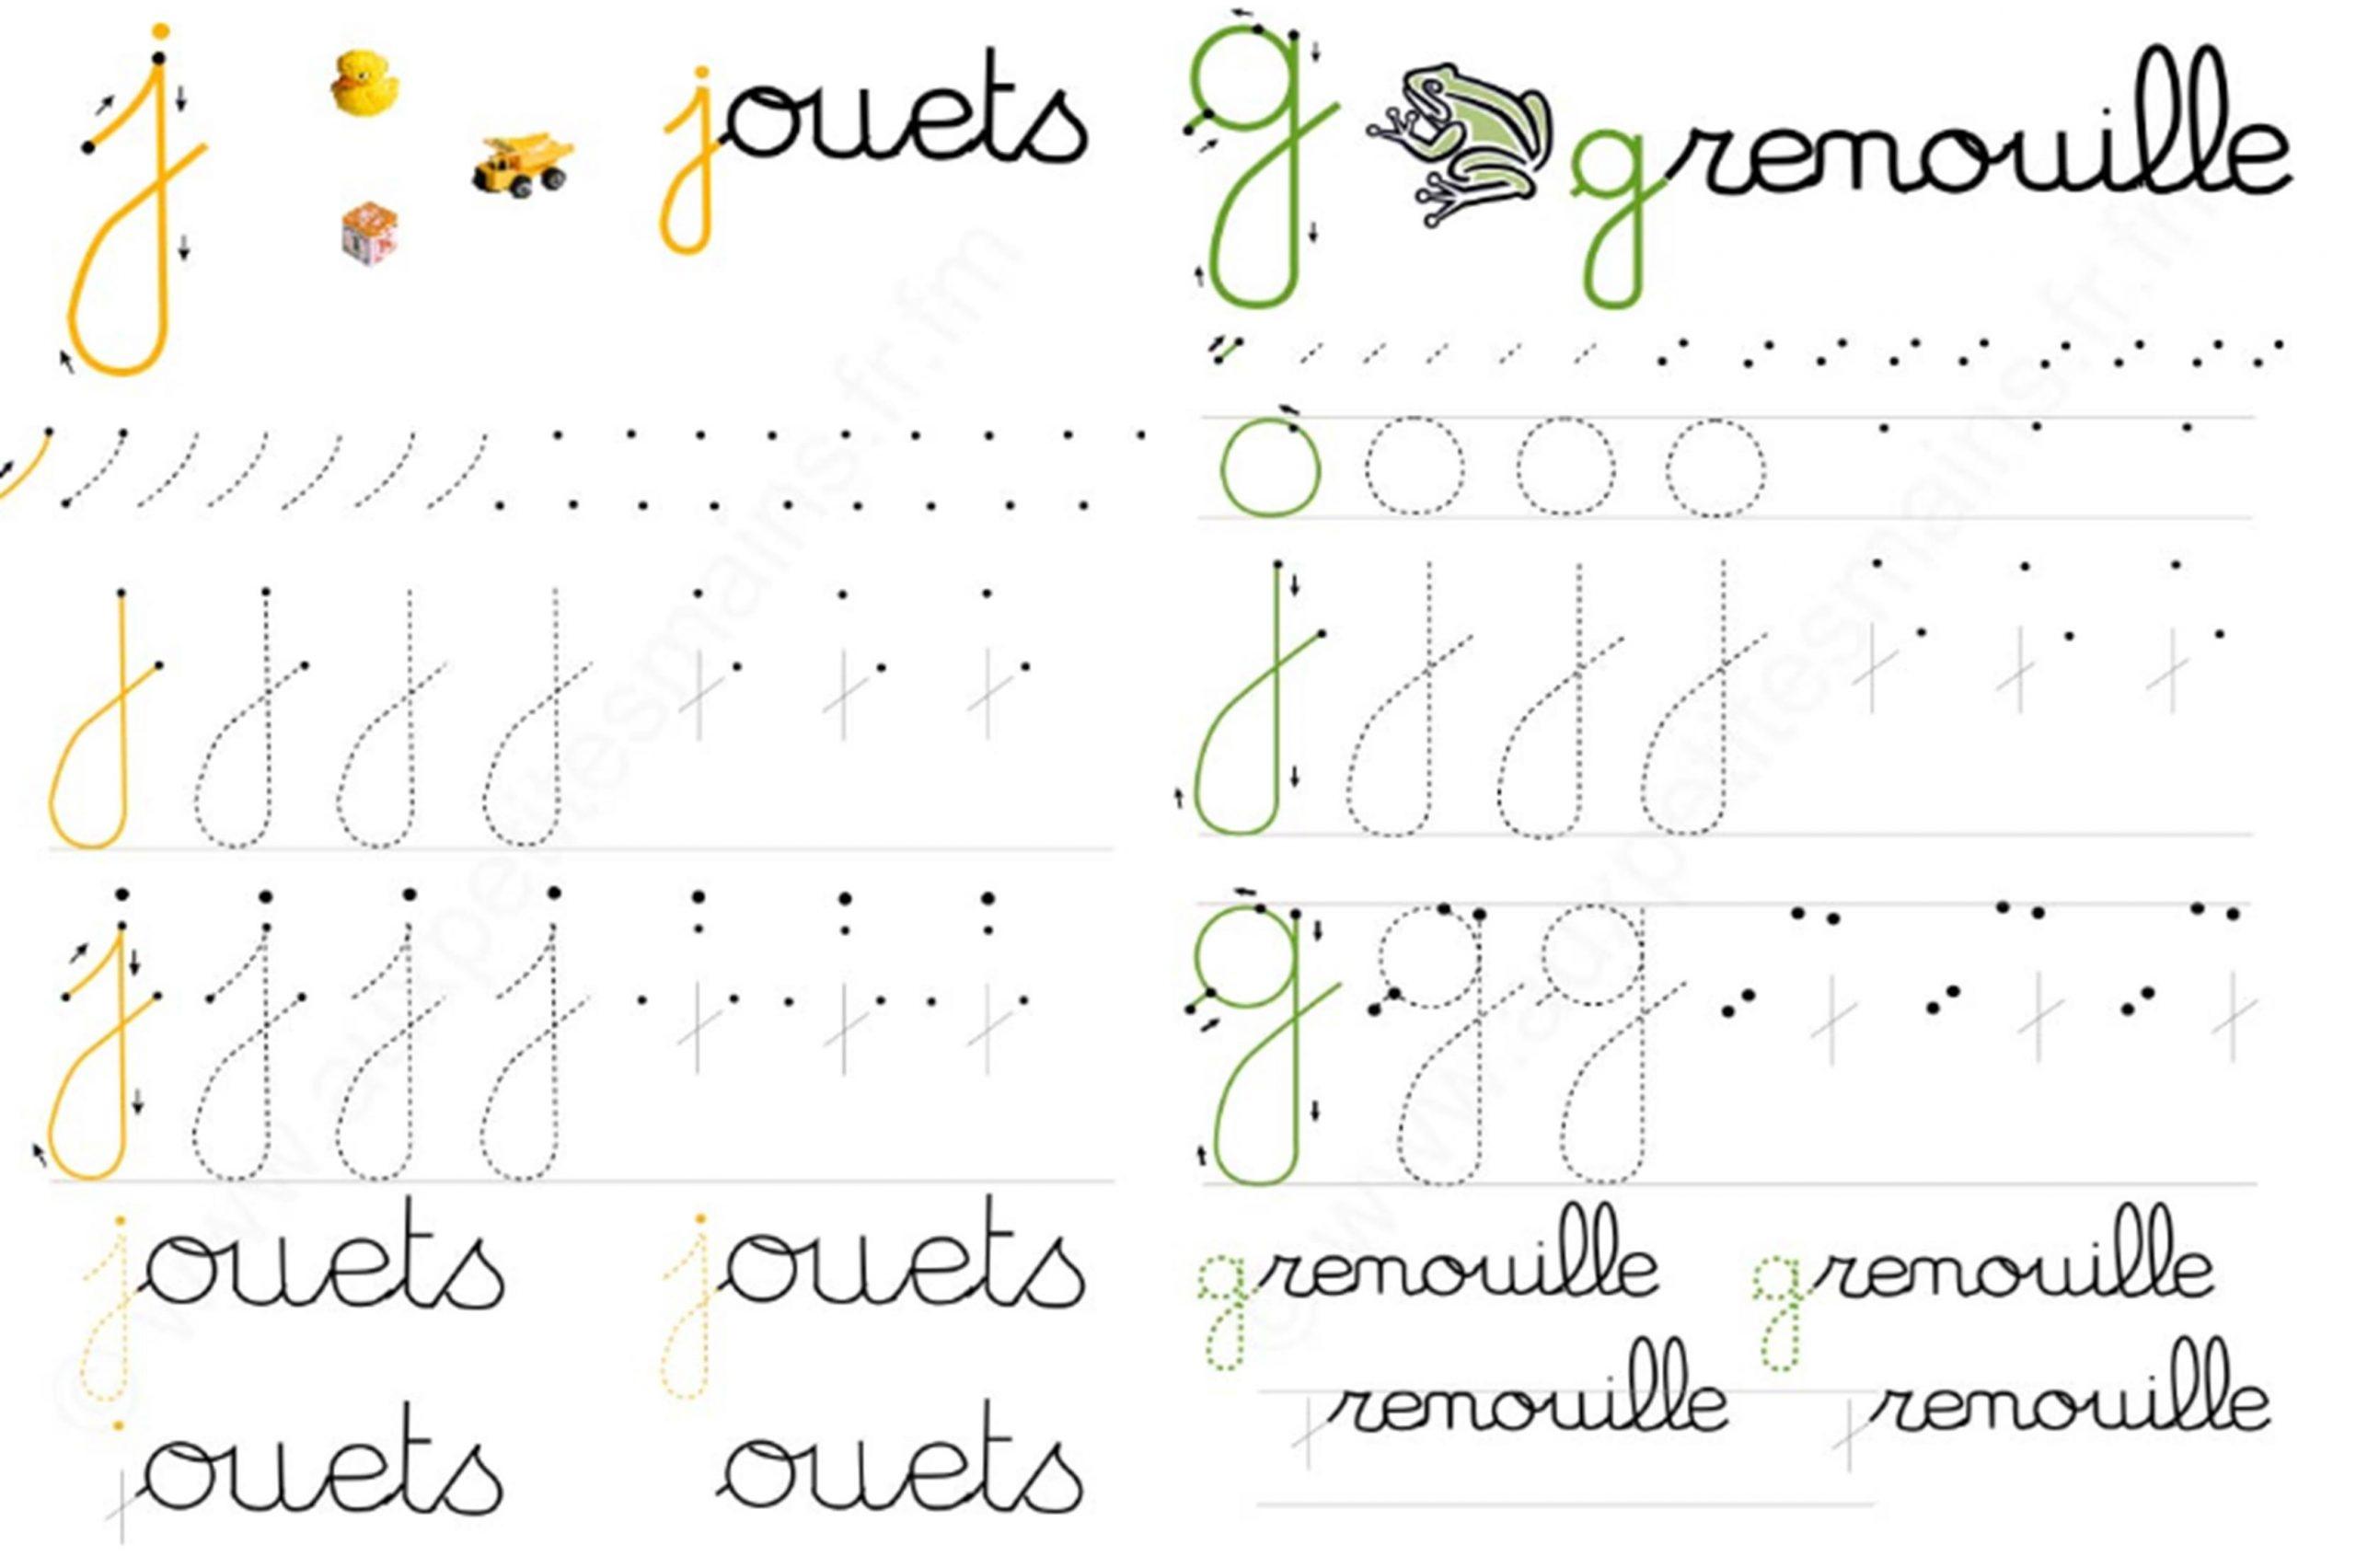 Fichier D'écriture Grande Section | Le Blog De Monsieur Mathieu intérieur Fiche Maternelle Grande Section